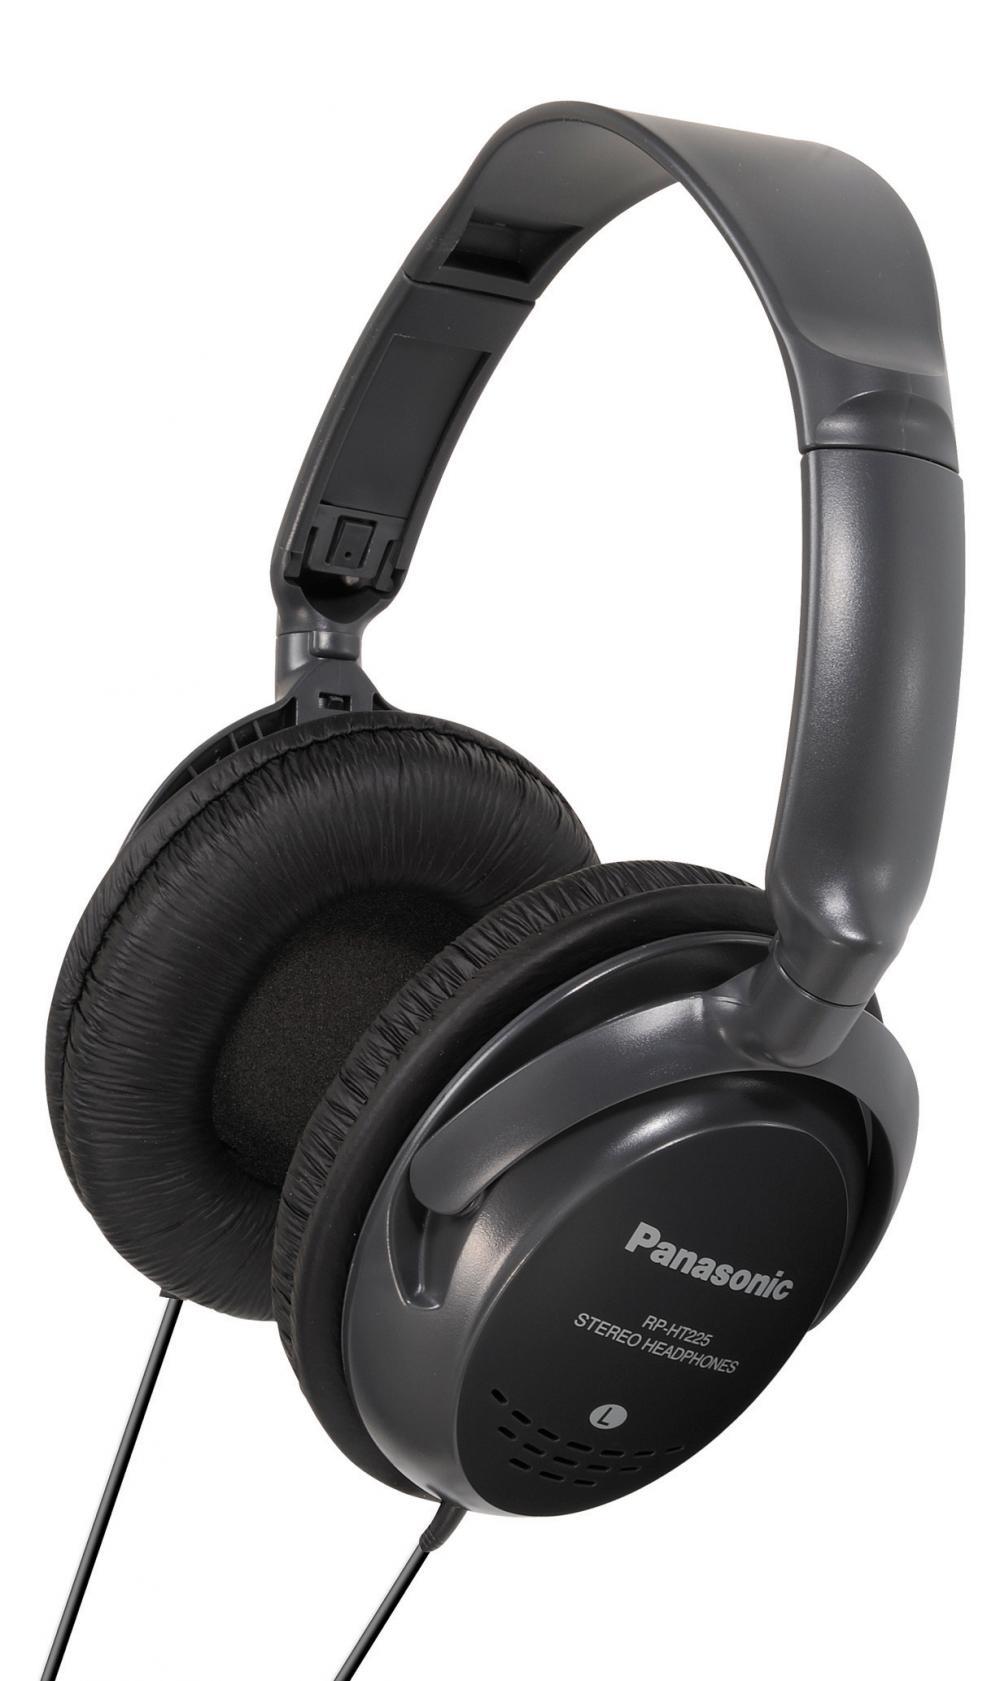 Casti Panasonic RP-HT225E-K